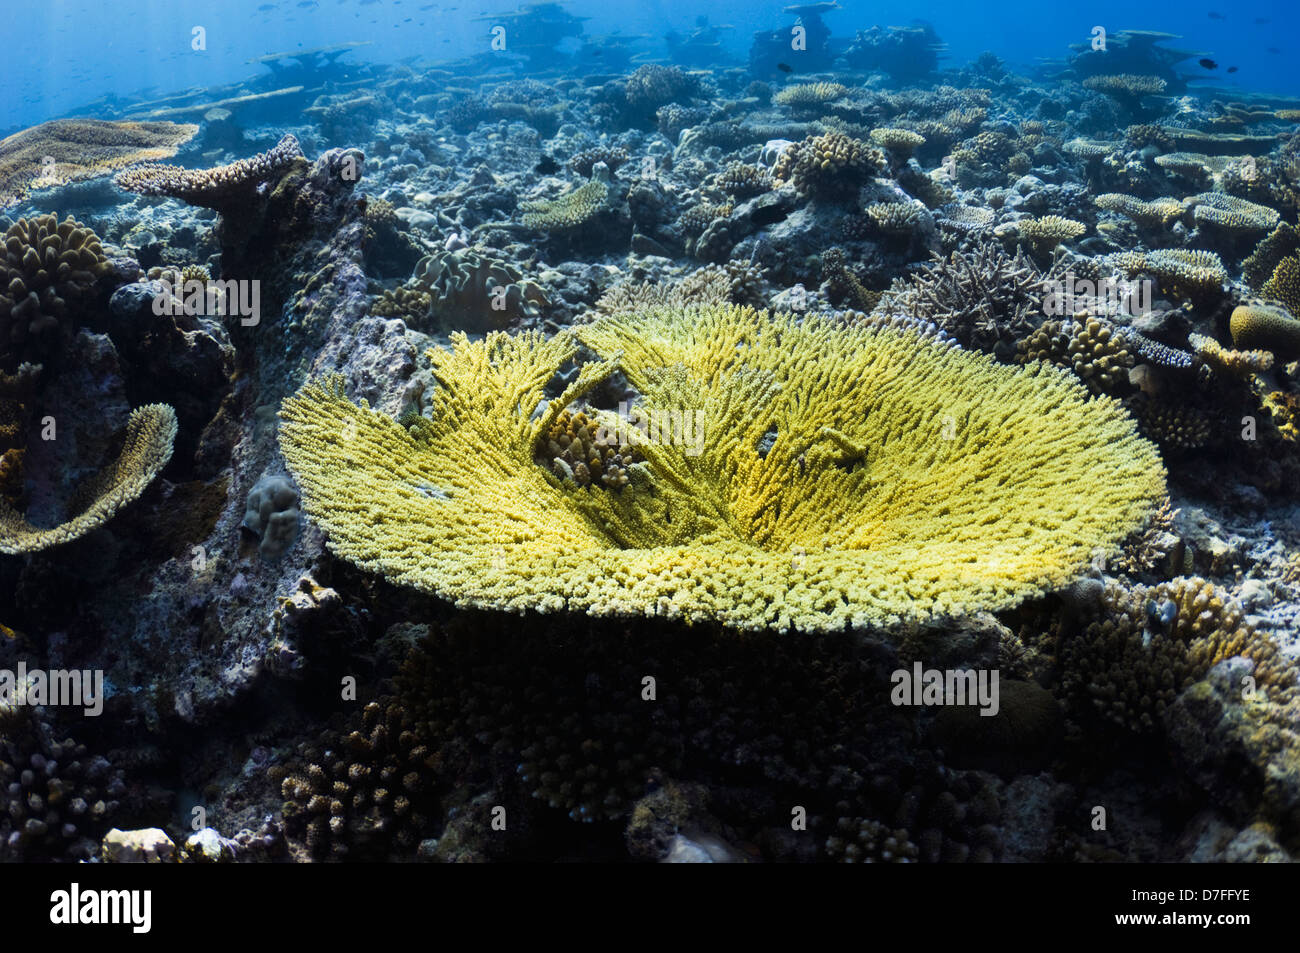 Acropora Tabelle Korallen auf Coral Reef Maldives Stockbild